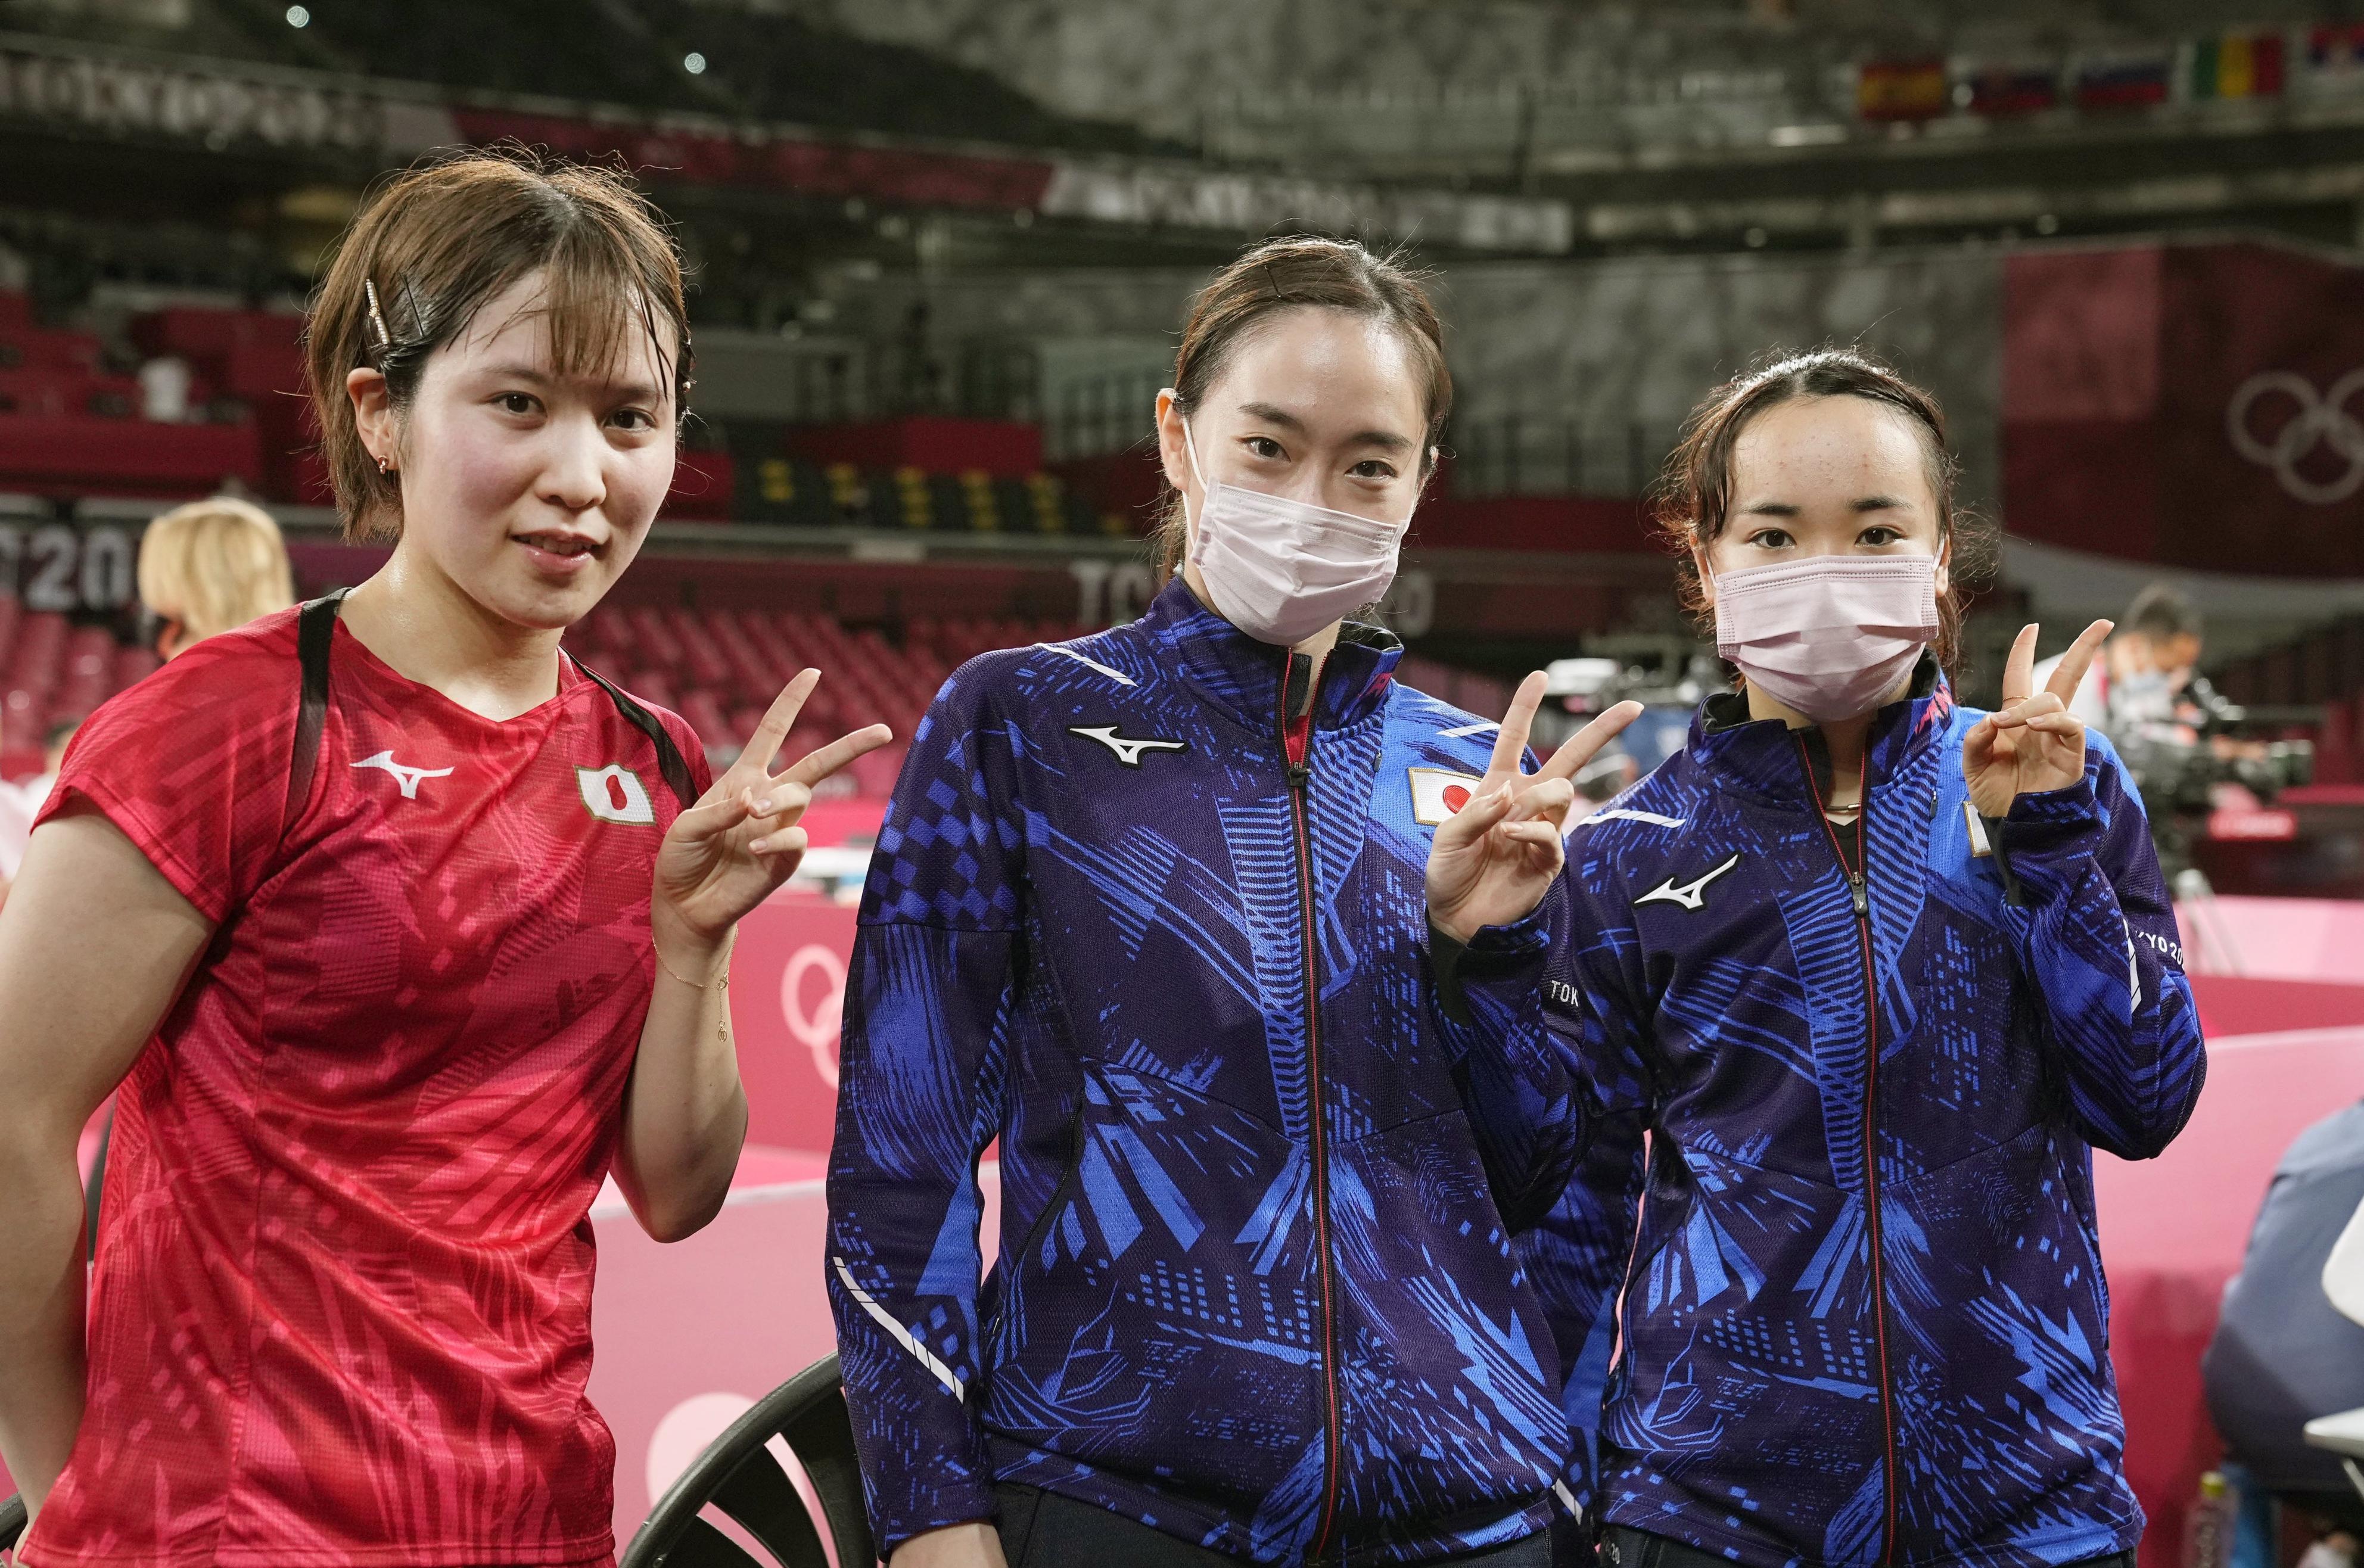 女子団体準々決勝で台湾を破って4強入りし、カメラに向かってポーズをとる(左から)平野美宇、石川佳純、伊藤美誠=東京体育館